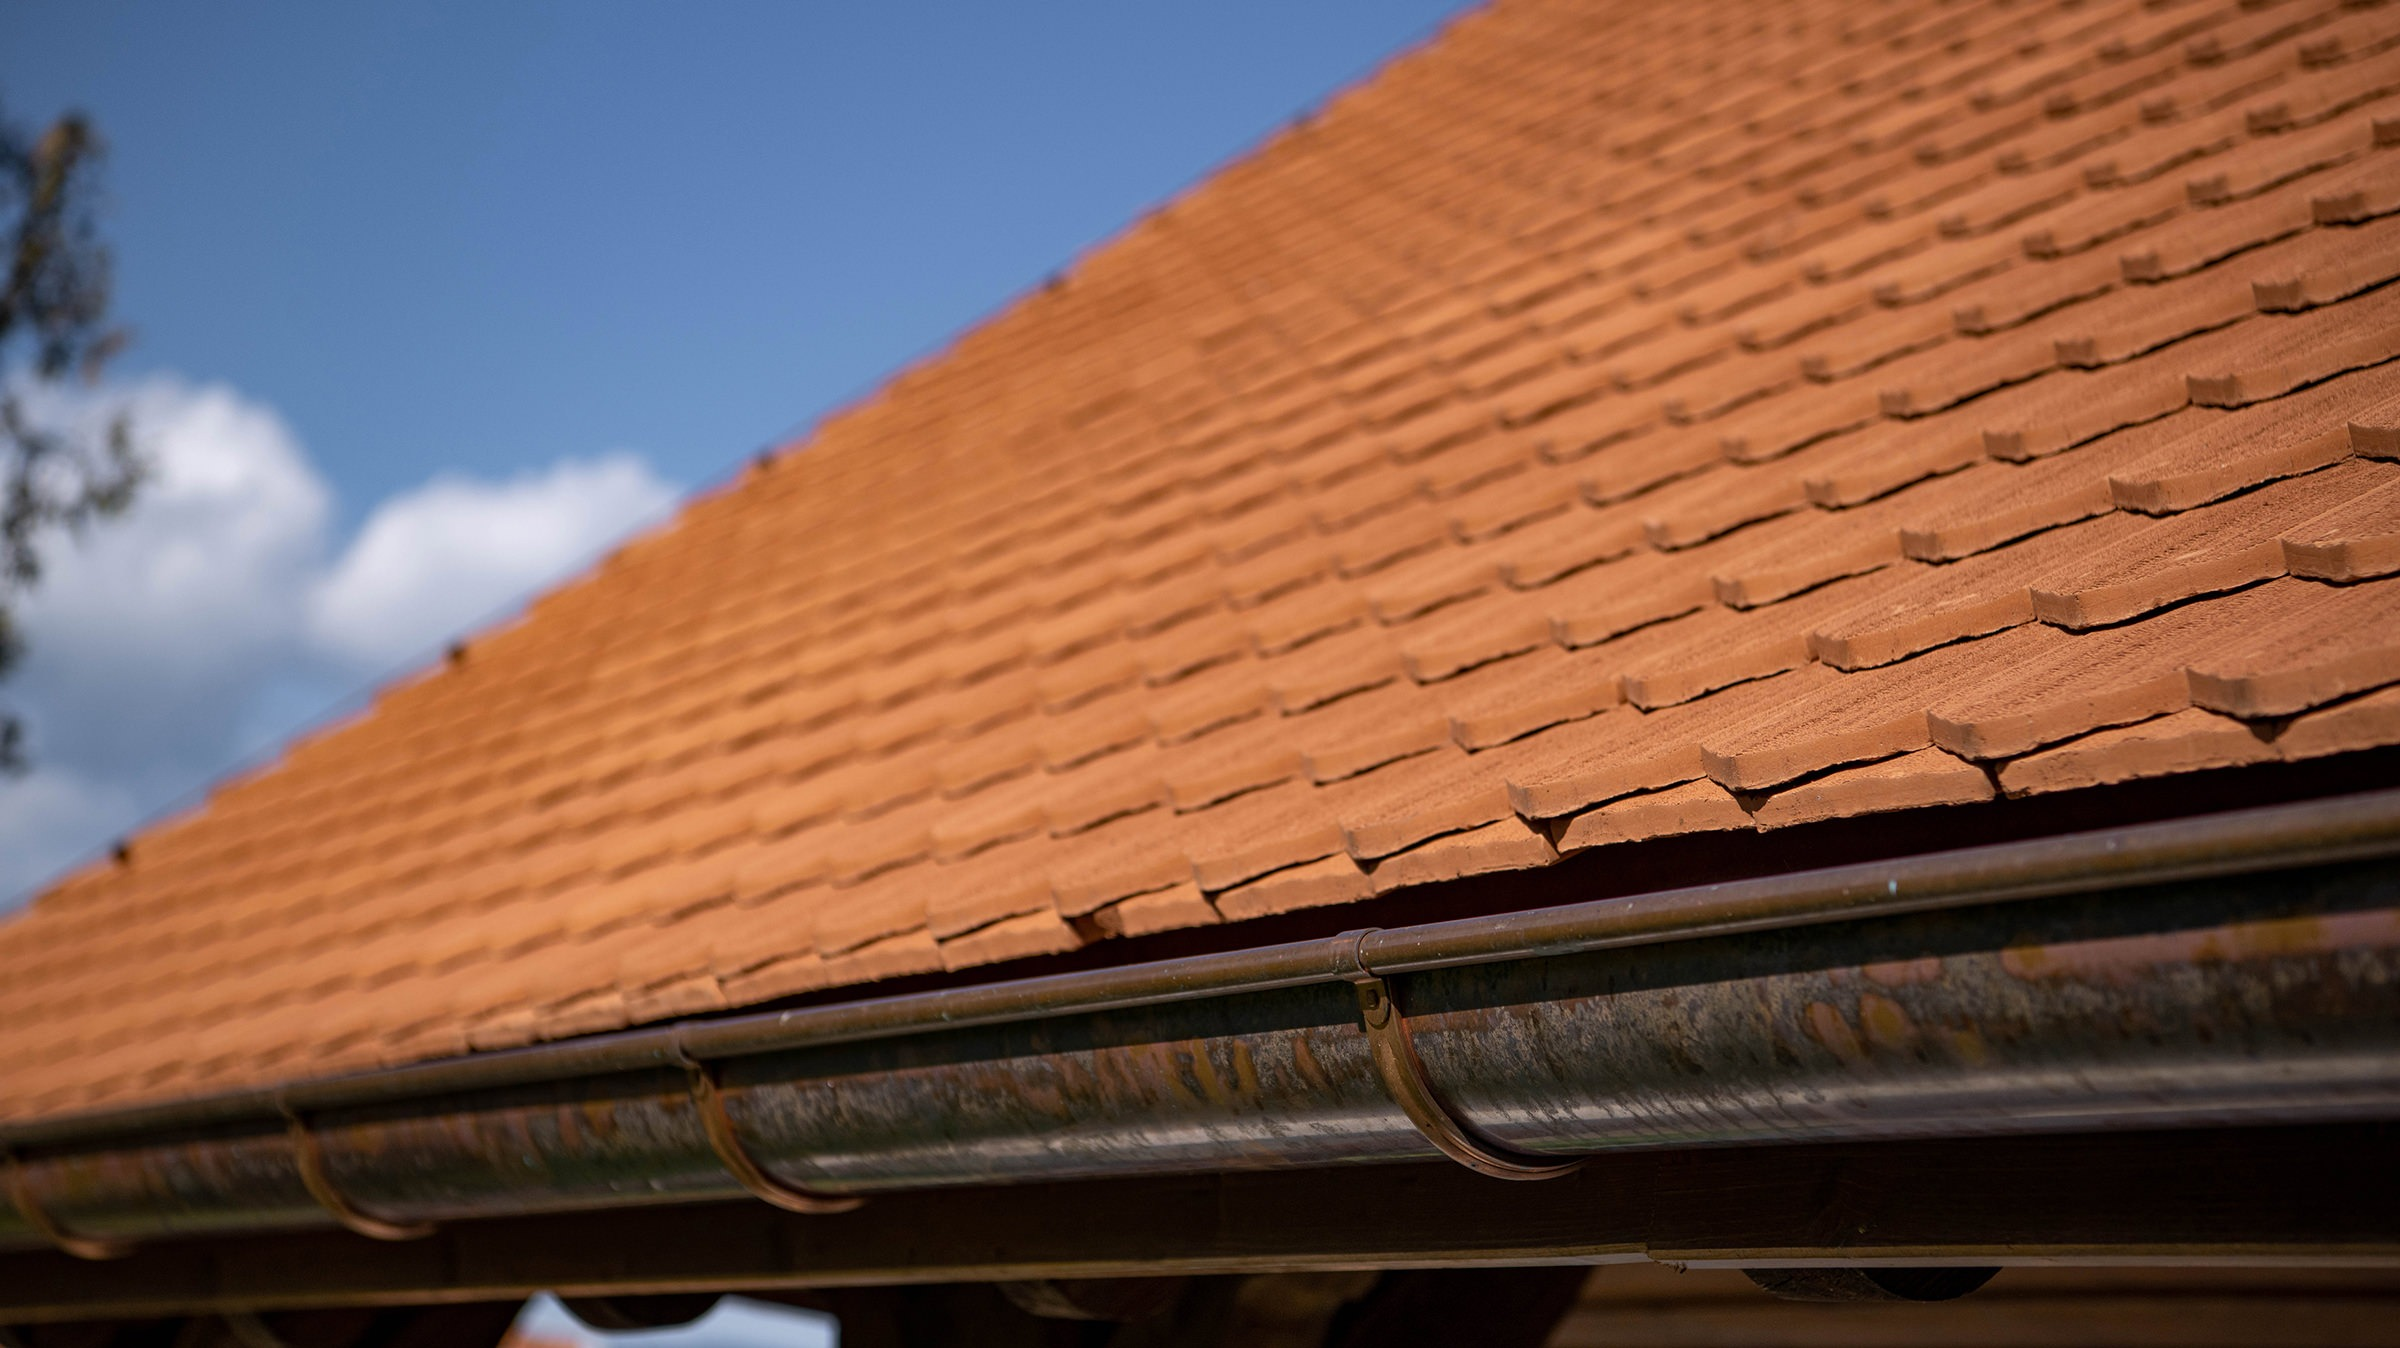 Detailaufnahme vom Dach der Kirche Oberwil, die mit 24'400 Stück Biberschwanzziegel Berner Biber, spitz, naturrot von Gasser Ceramic eingedeckt ist.